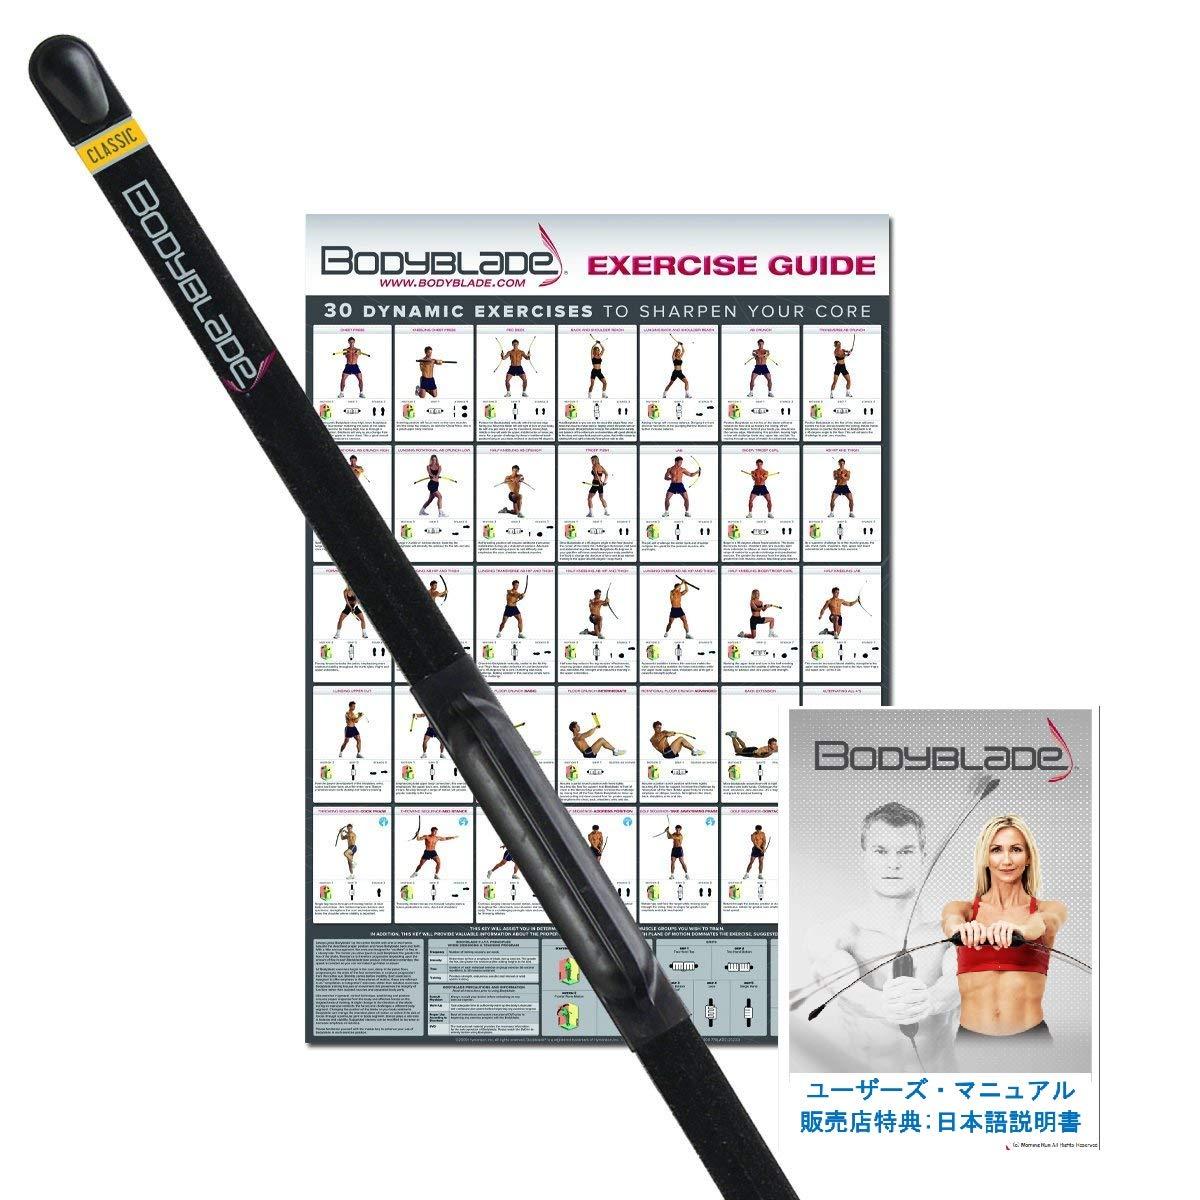 独特の上品 ボディブレード Bodyblade Bodyblade フィットネスDVD 日本語説明書付 (効果的に各部位に負荷を掛ける、全身シェイプアップ運動。筋肥大やダイエット目的に最適) [並行輸入品] [並行輸入品] B07HLQNRHF Classic-長さ1.2m, mi-215.ネットだけの隠れ服屋:d141c65f --- arianechie.dominiotemporario.com